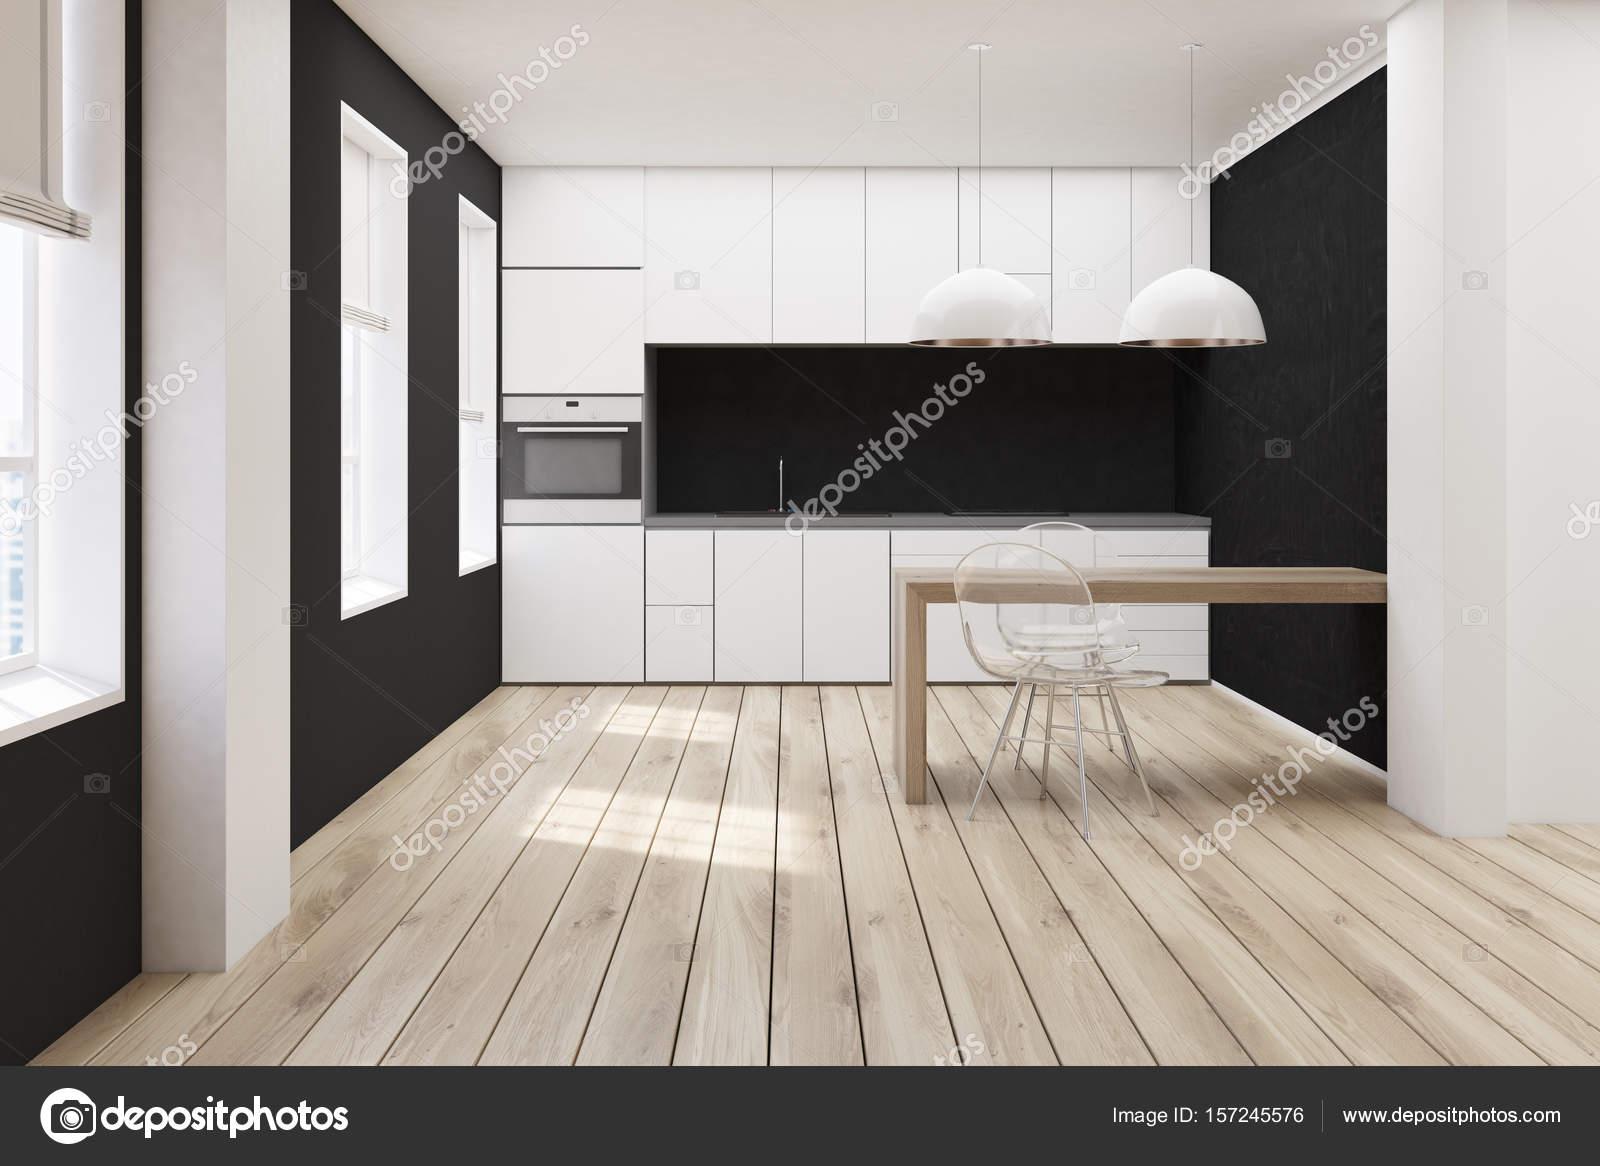 Cocina blanco y negro, frente de piso de madera — Foto de stock ...